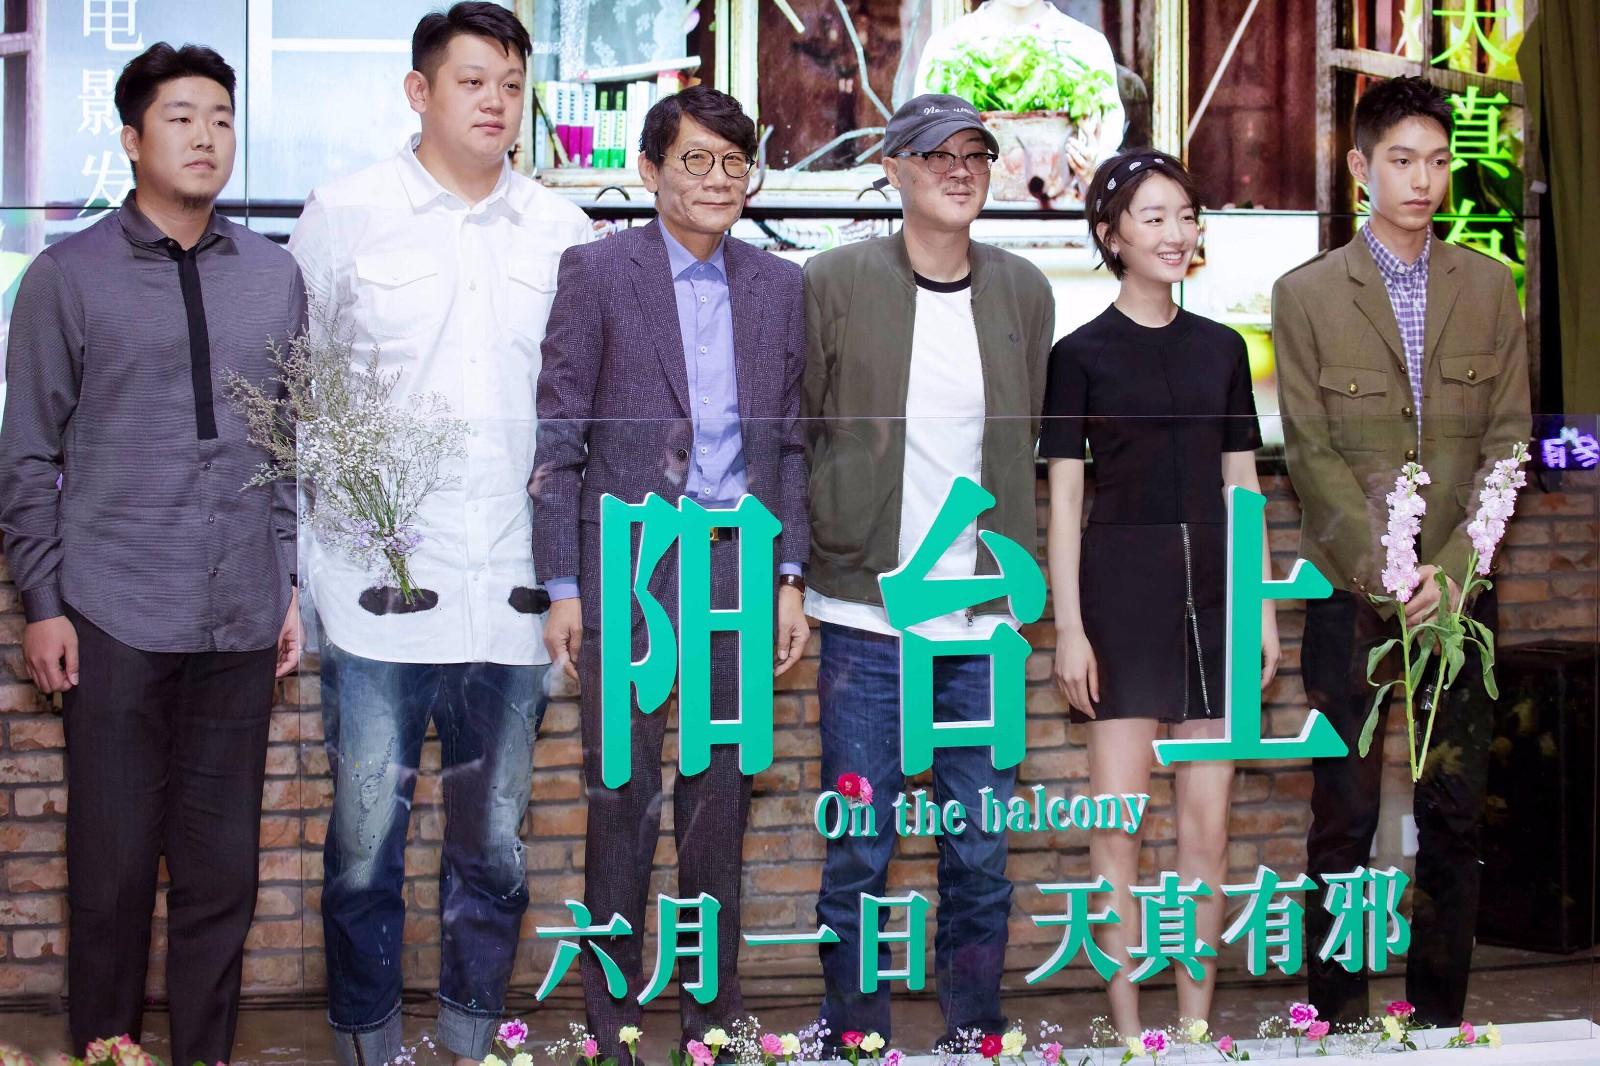 周冬雨新片《阳台上》定档六一 研究纪录片揣摩人物特征